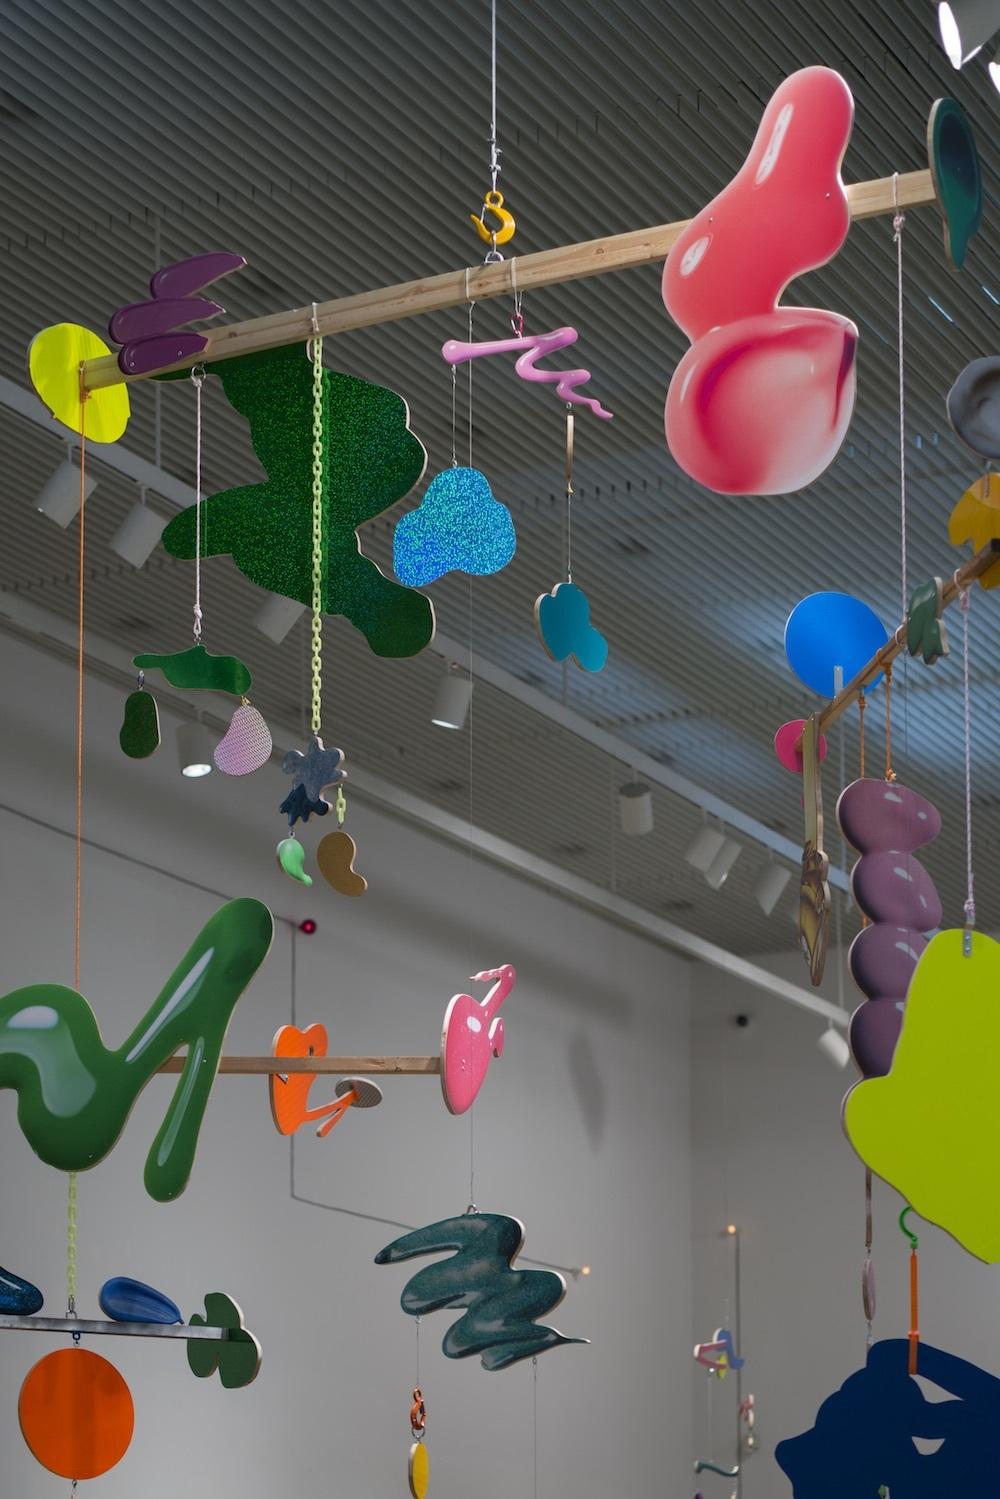 金氏徹平  Ghost in the Liquid Room (Make-up Shadow/モビール) #1(部分) 2016年 紙にインクジェットプリント、木、金具 435×411×125 cm Satoko Oe Contemporary